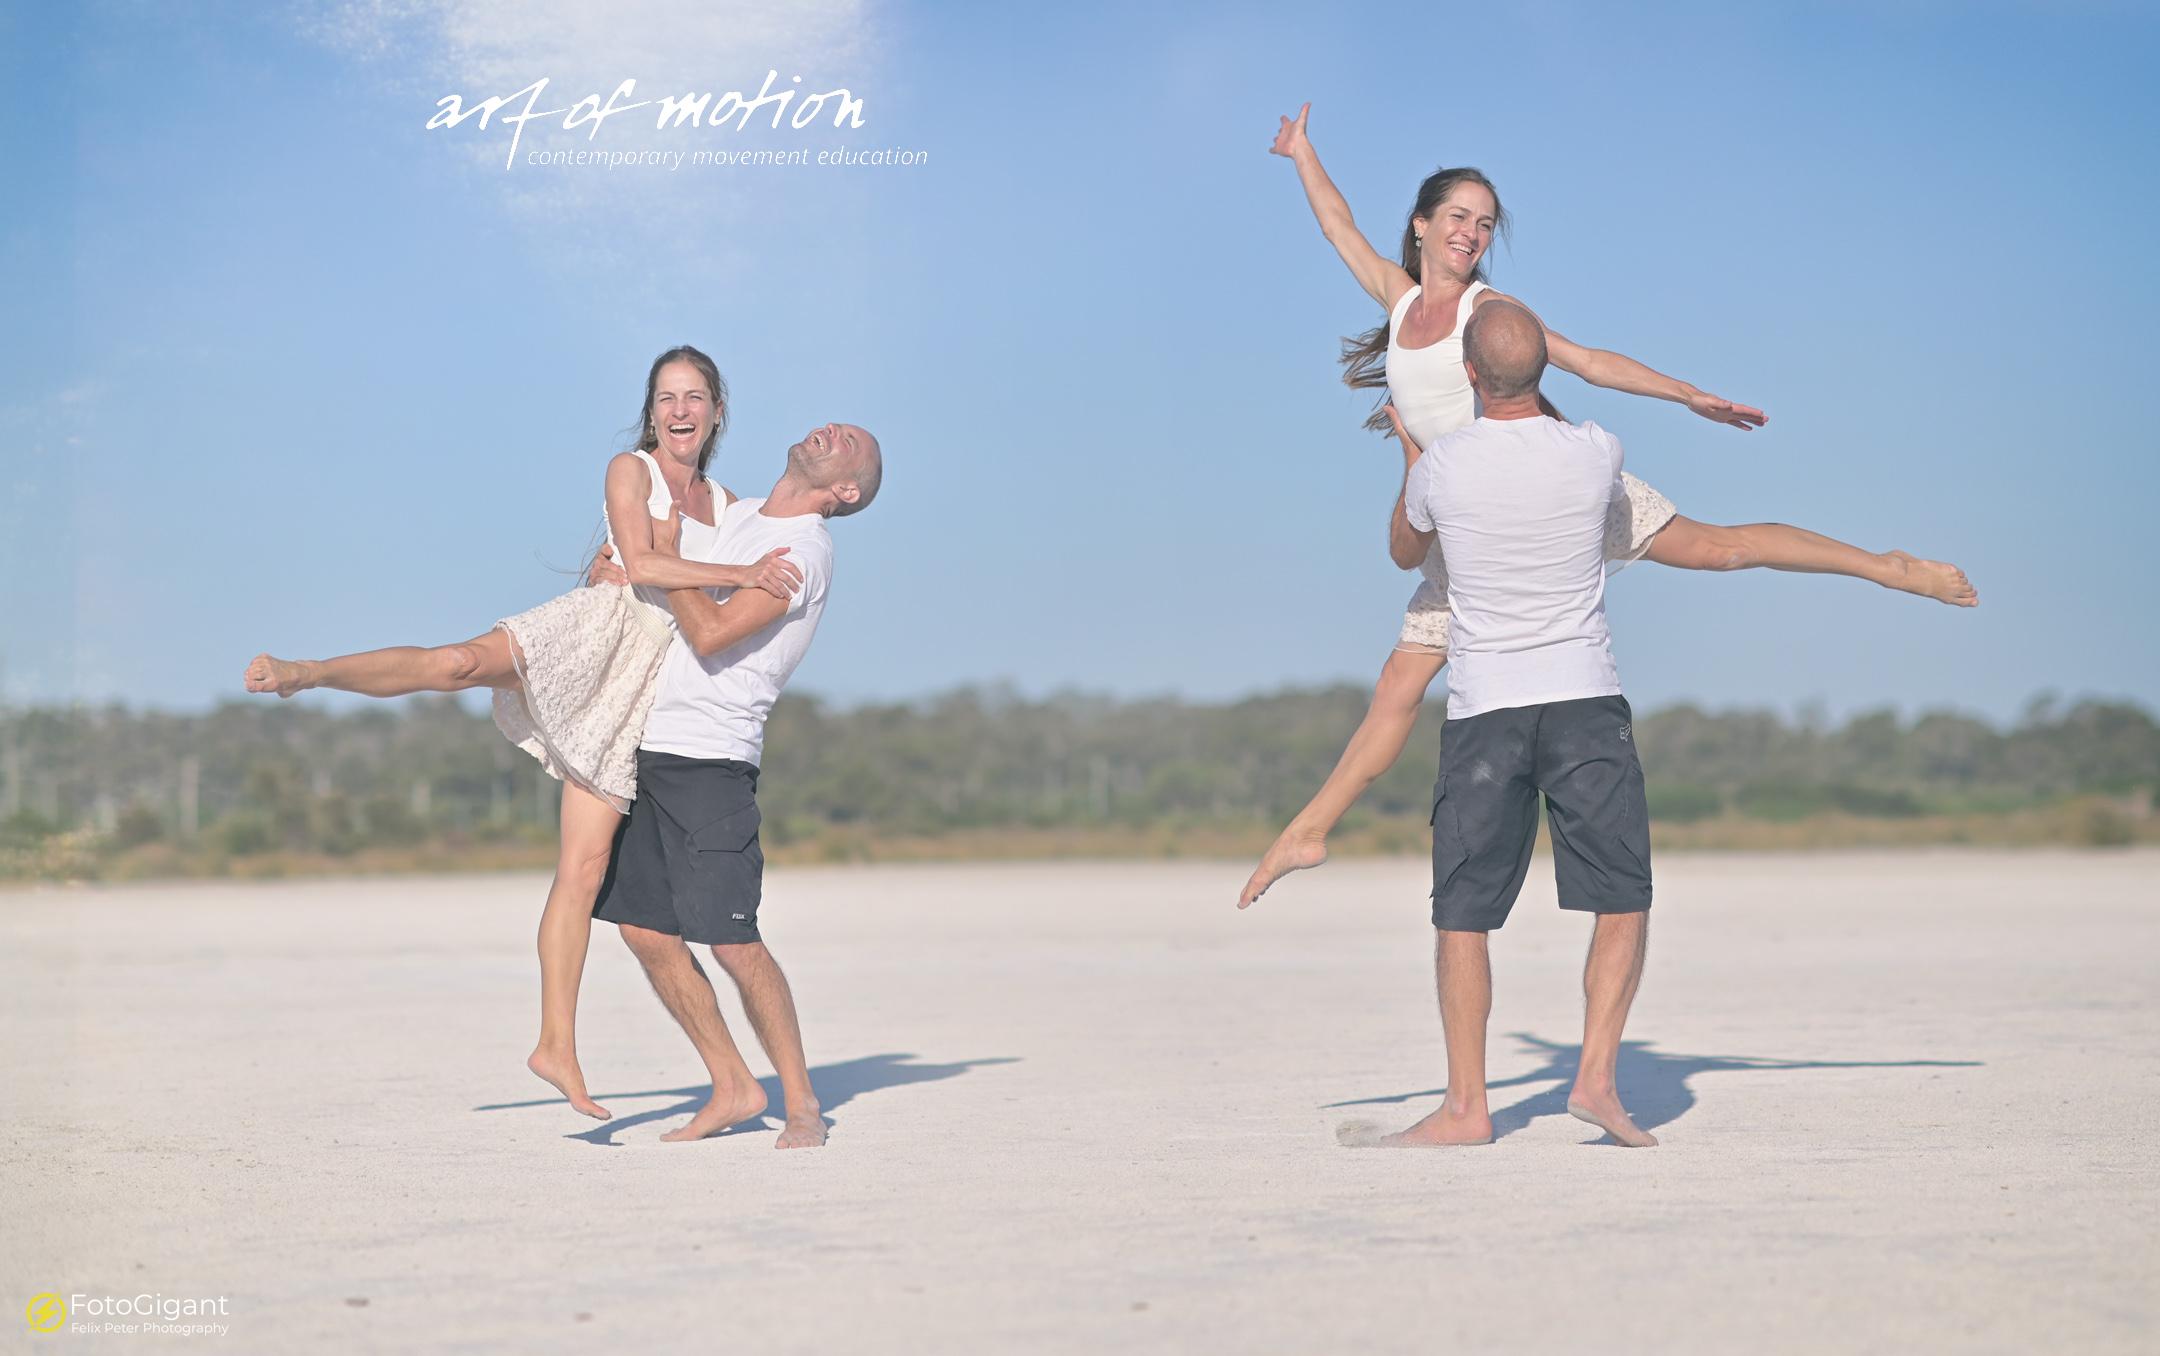 art-of-motion_Karin-Gurtner_Felix-Peter_15.jpg